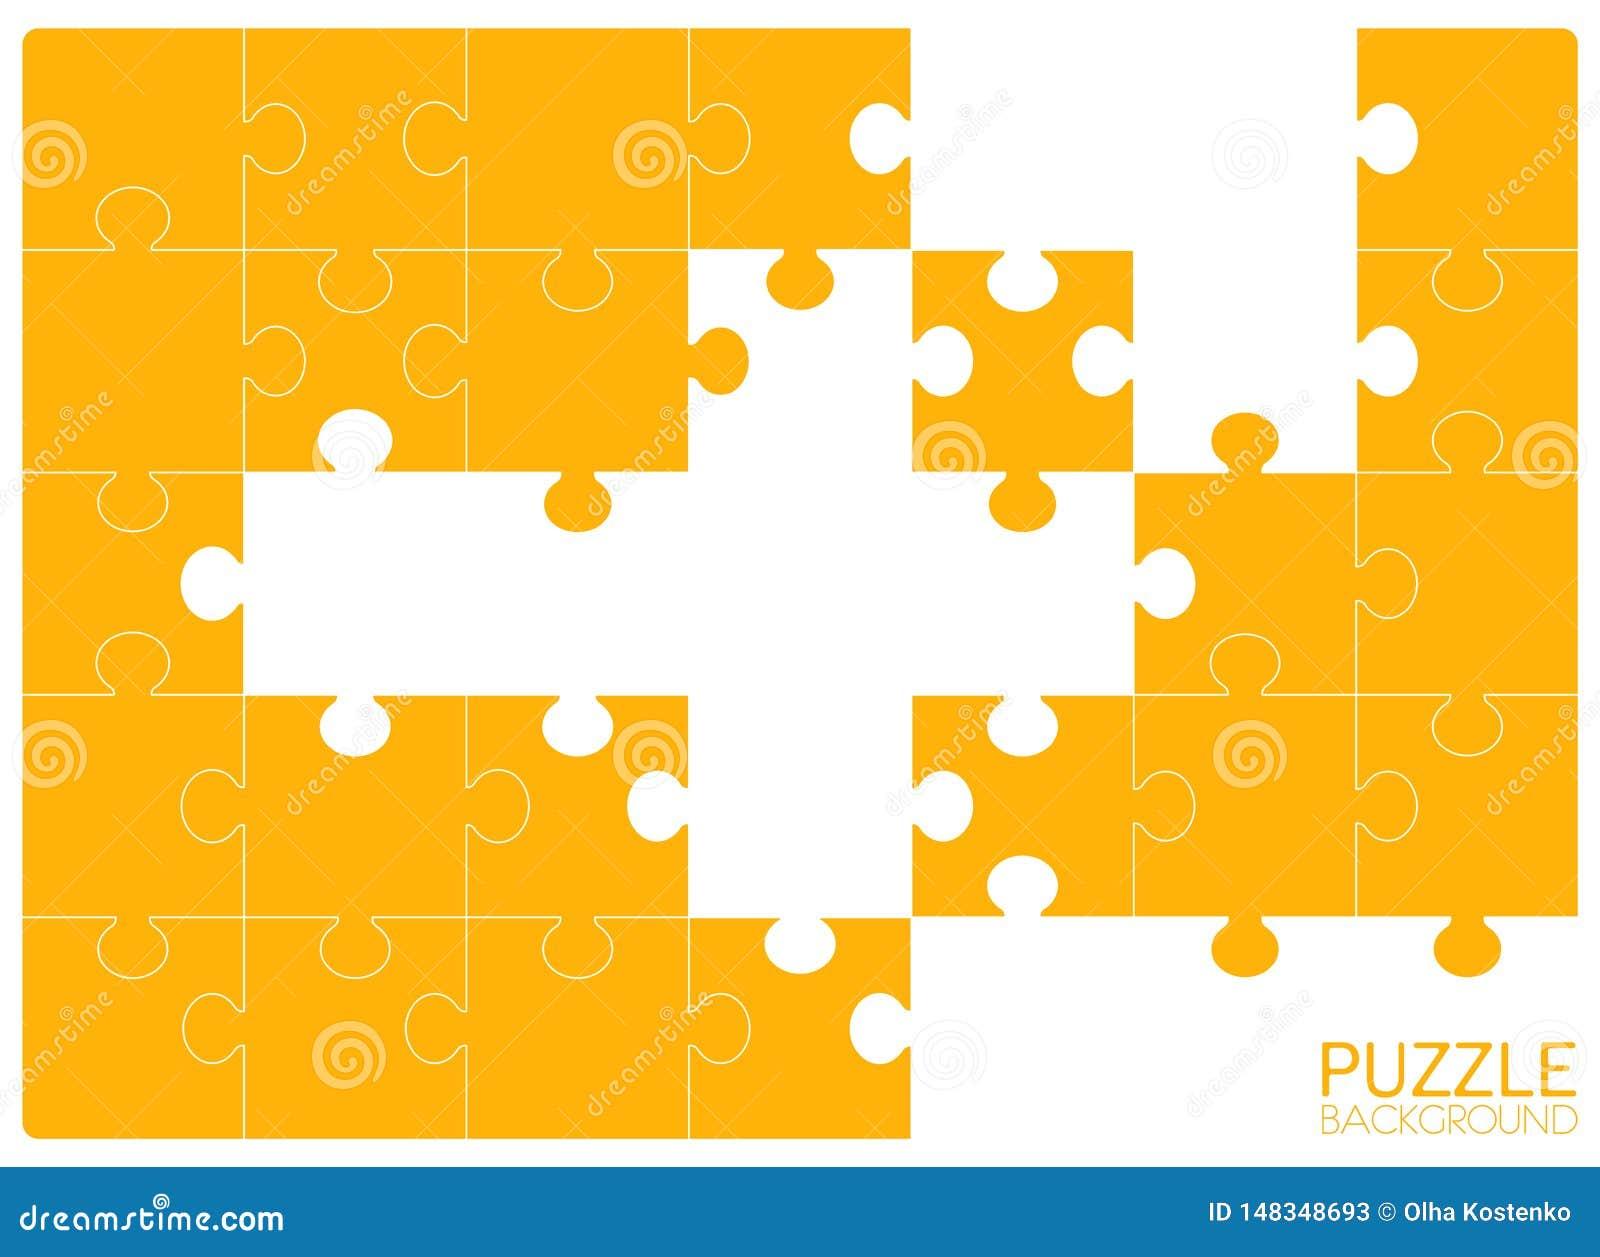 Puzzle 24 pezzi, senza alcuni pezzi